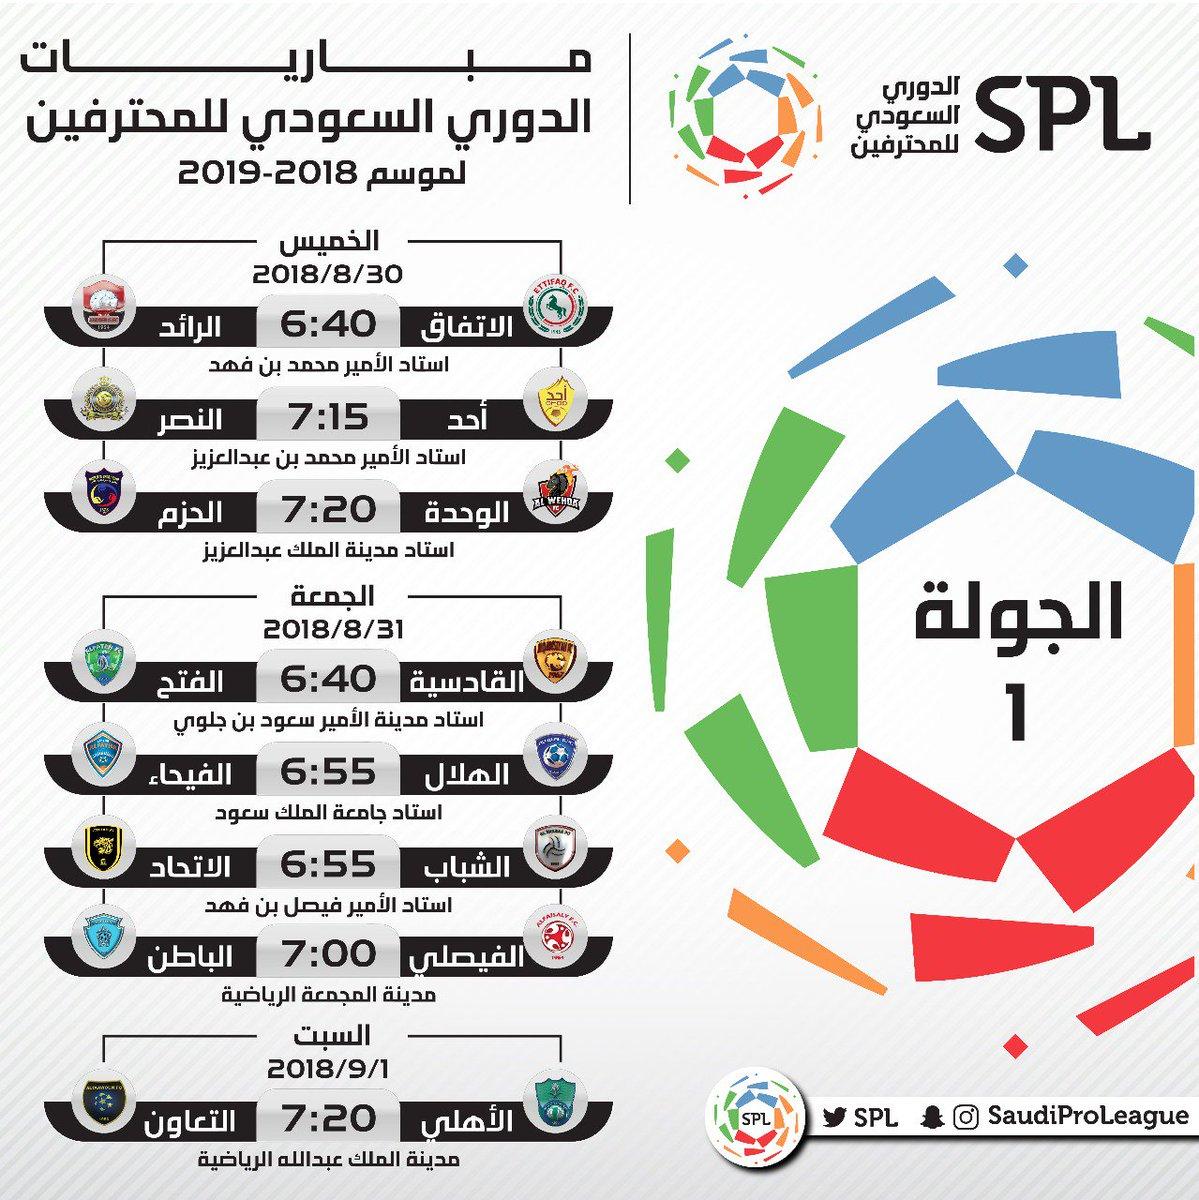 جدول مباريات الدوري السعودي للمحترفين 2018 2019 المعدل موقع